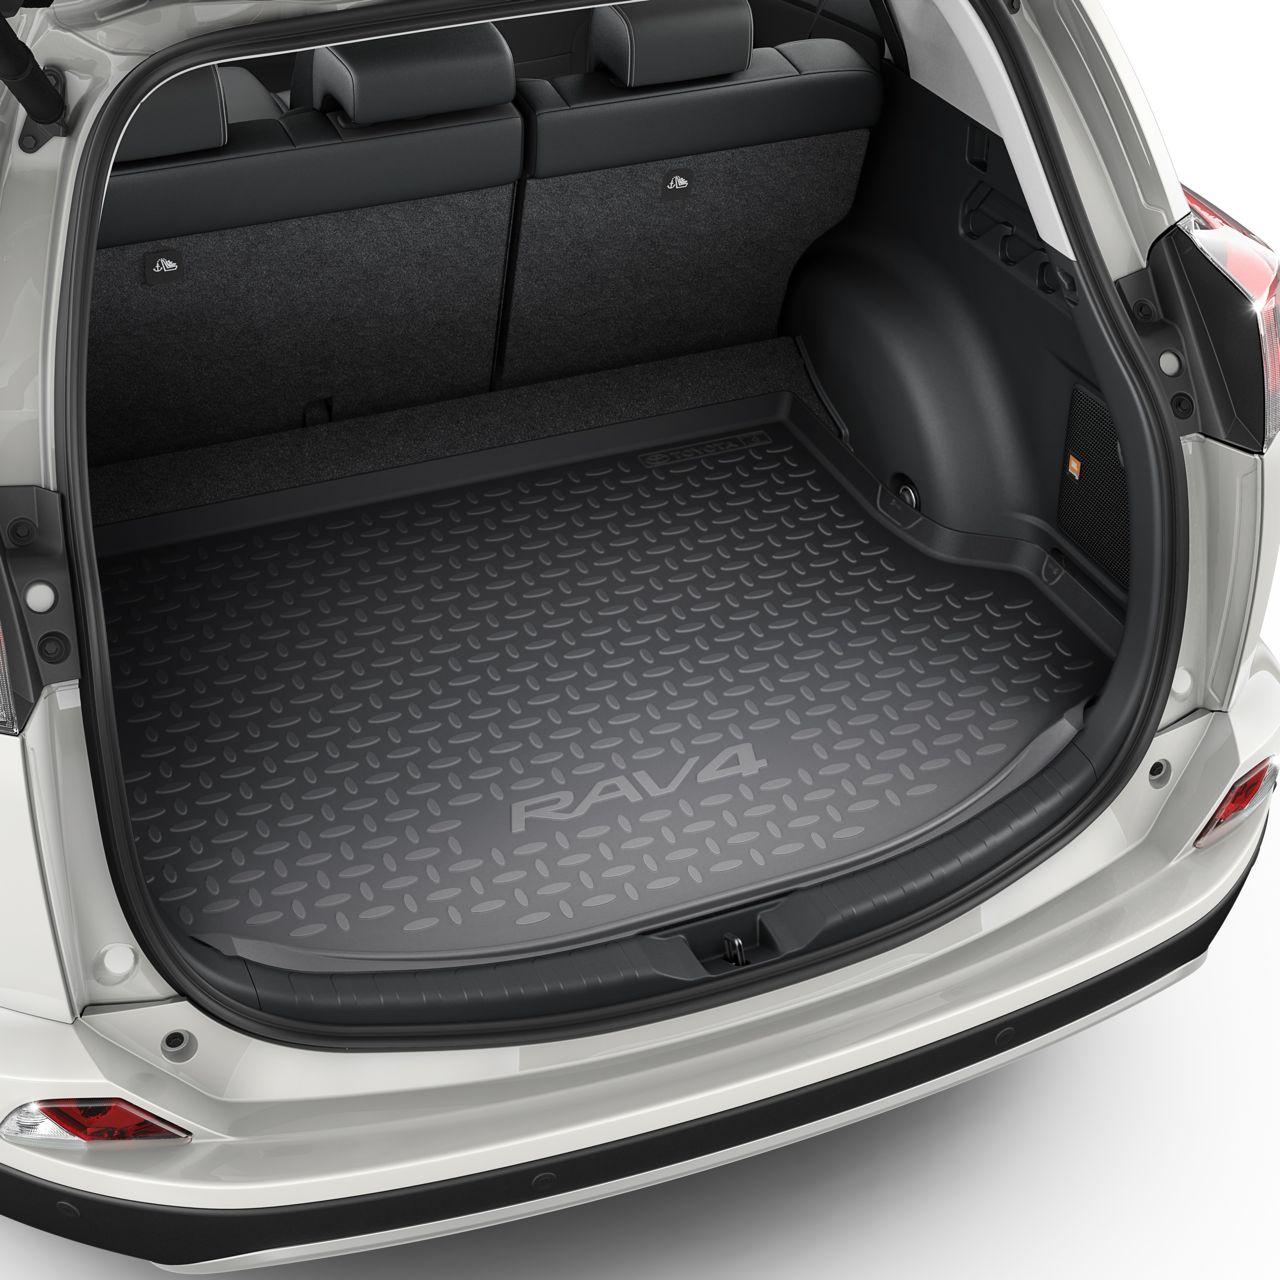 Lexus Hybrid Suv >> Así son los accesorios originales para Toyota RAV4 y RAV4 ...